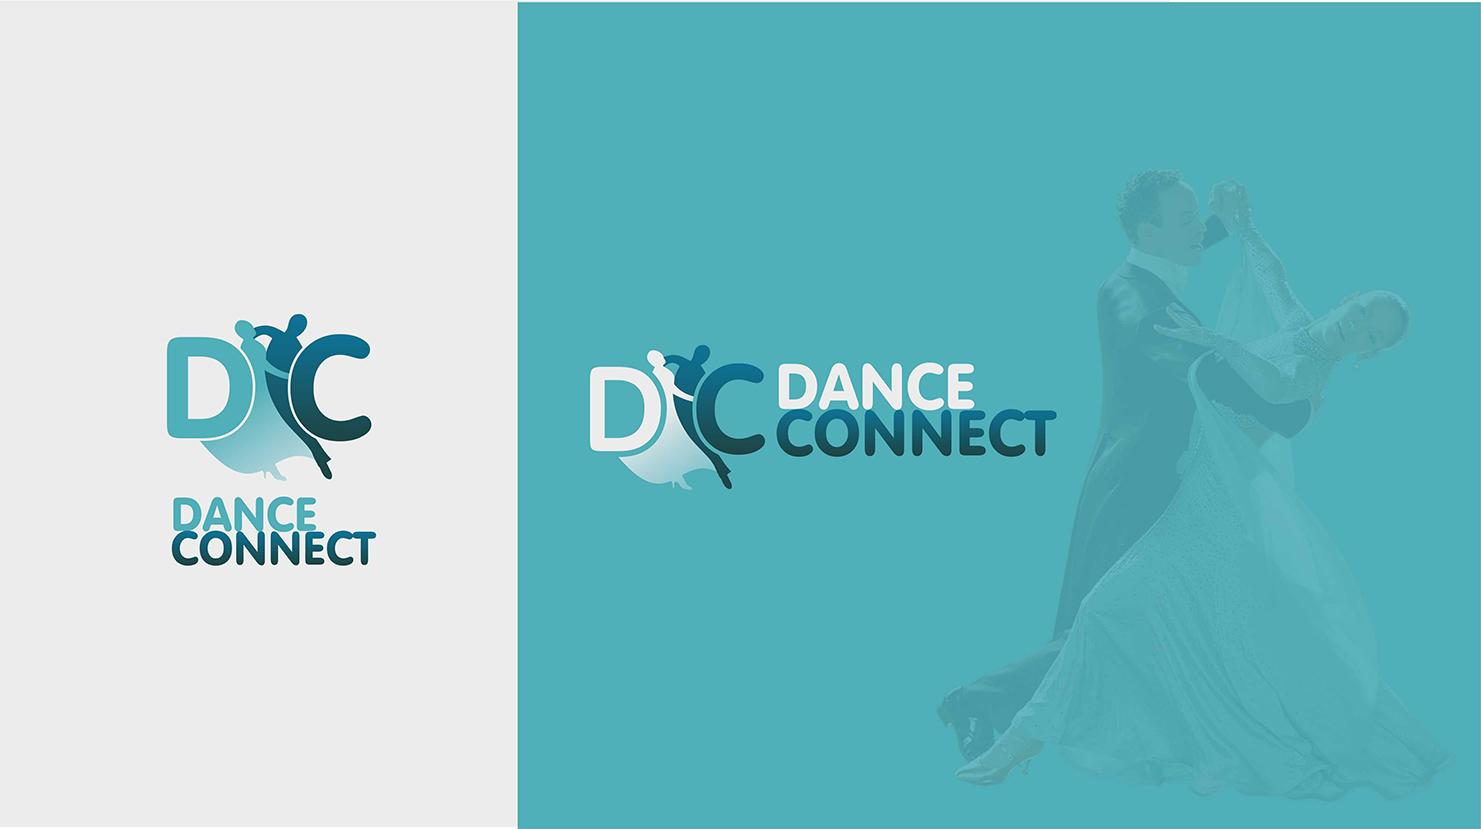 Разработка лого для спортивного портала www.danceconnect.ru фото f_5445b43b509899a2.jpg